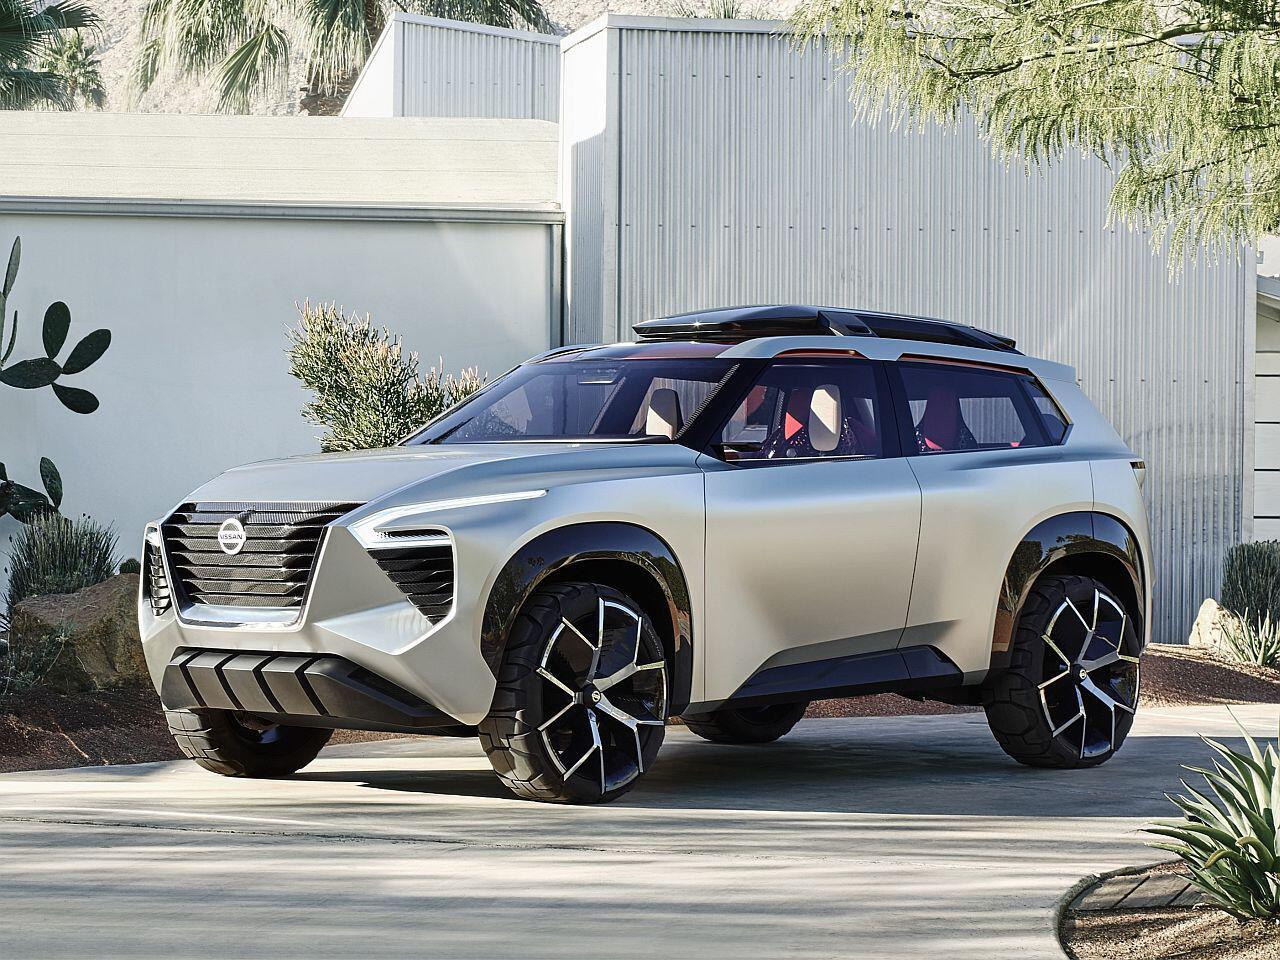 Bild zu Nissan Xmotion concept: Futuristische Kompakt-SUV-Studie auf der NAIAS